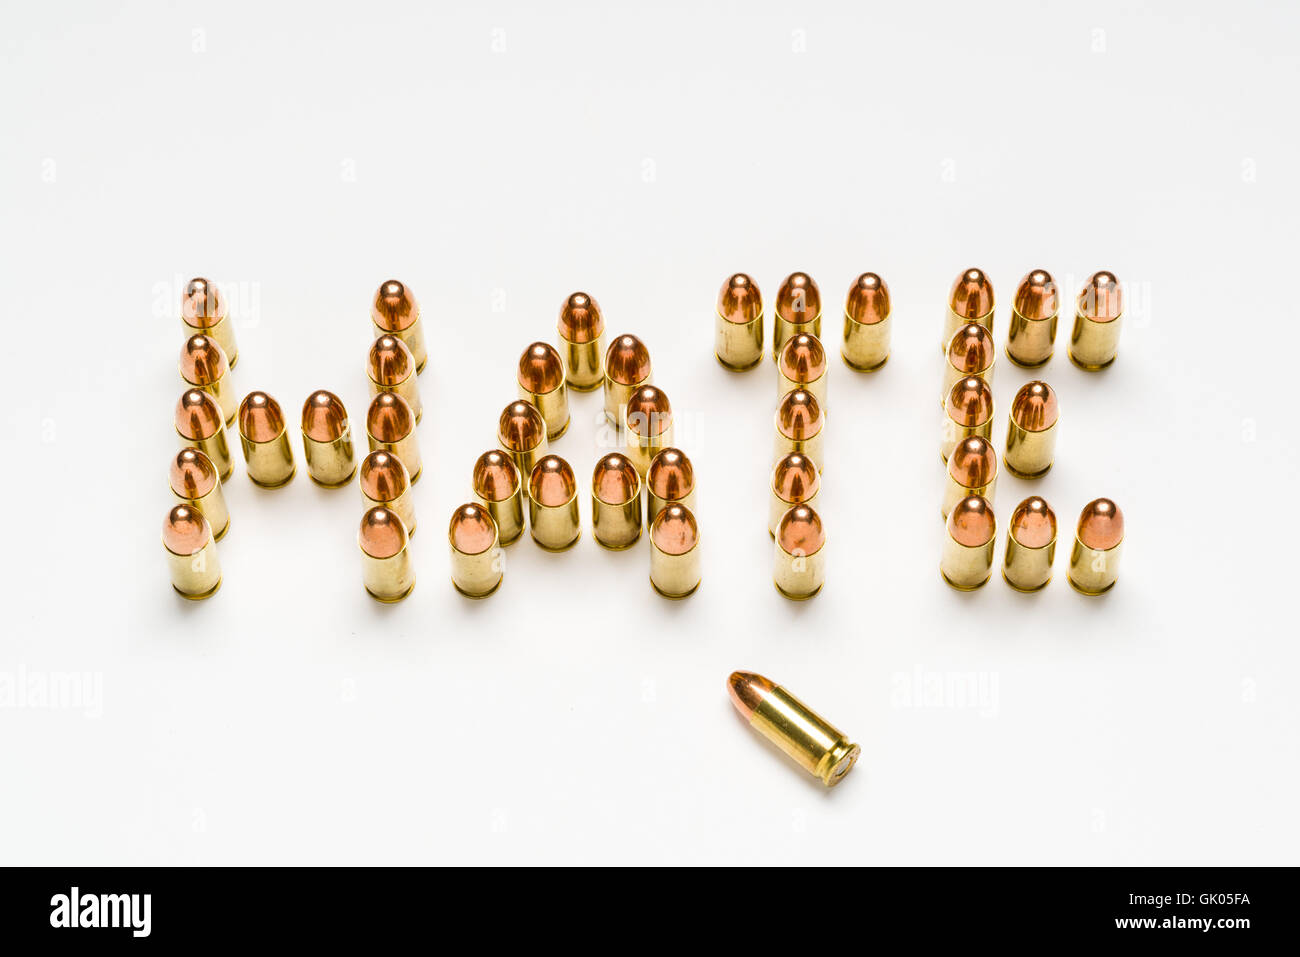 Municiones, 9mm, milímetro, organizar en un patrón para deletrear la palabra odio sobre la superficie Imagen De Stock